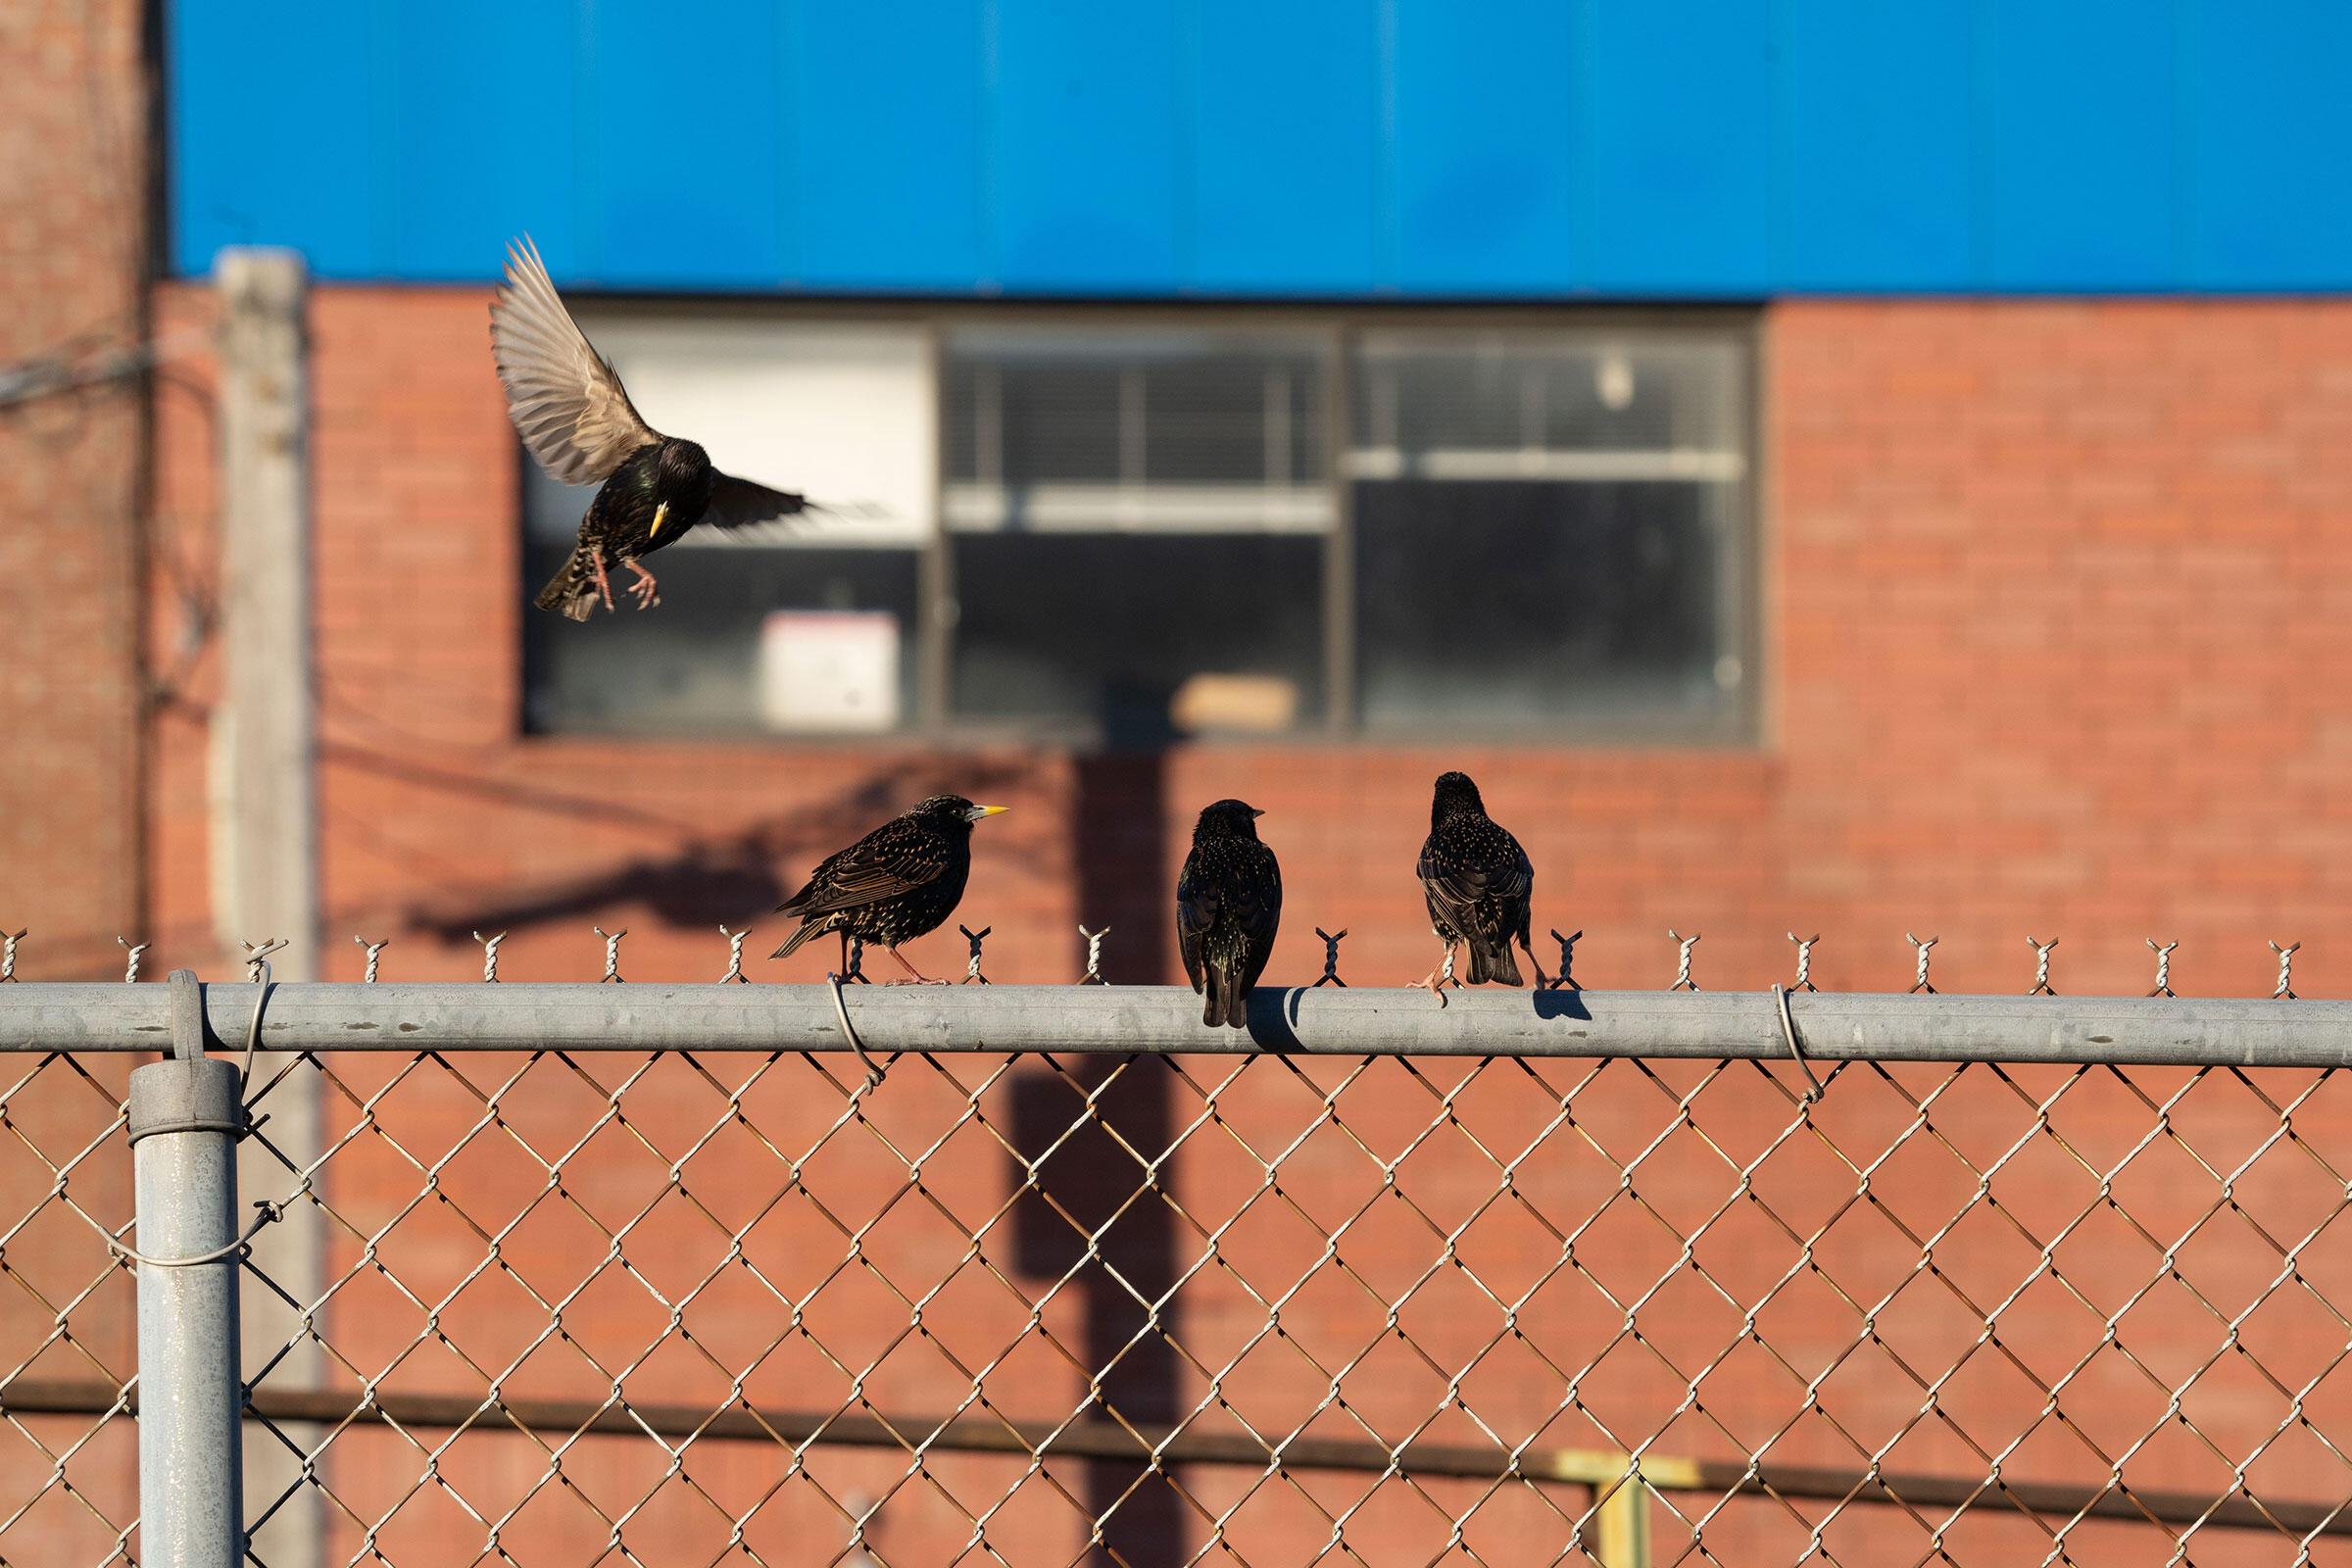 European Starlings. George McKenzie Jr.